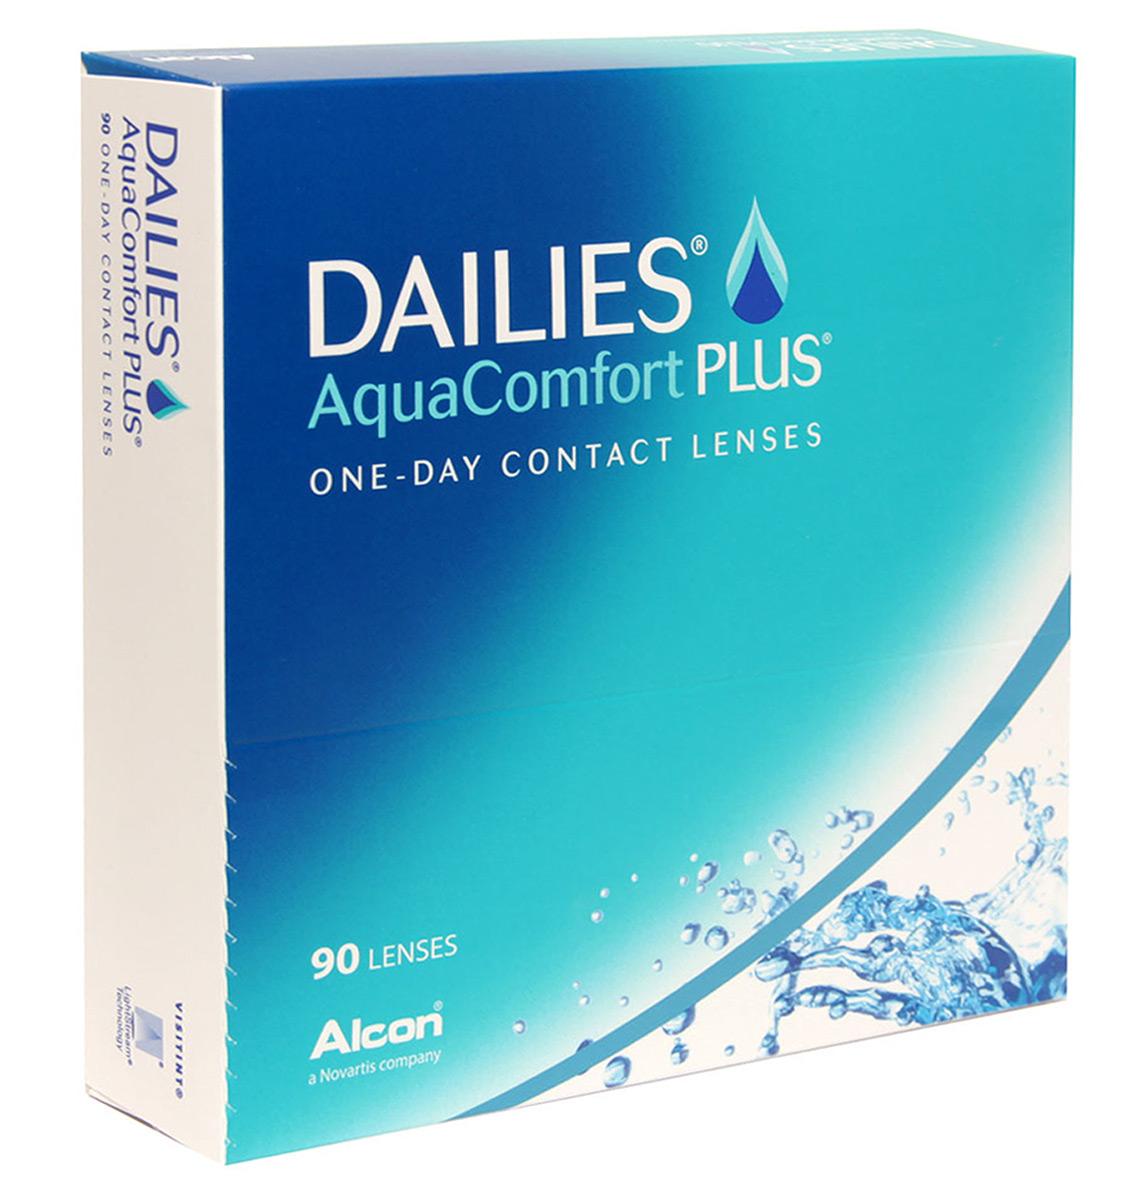 Alcon-CIBA Vision контактные линзы Dailies AquaComfort Plus (90шт / 8.7 / 14.0 / -2.75)38375Dailies AquaComfort Plus - это одни из самых популярных однодневных линз производства компании Ciba Vision. Эти линзы пользуются огромной популярностью во всем мире и являются на сегодняшний день самыми безопасными контактными линзами. Изготавливаются линзы из современного, 100% безопасного материала нелфилкон А. Особенность этого материала в том, что он легко пропускает воздух и хорошо сохраняет влагу. Однодневные контактные линзы Dailies AquaComfort Plus не нуждаются в дополнительном уходе и затратах, каждый день вы надеваете свежую пару линз. Дизайн линзы биосовместимый, что гарантирует безупречный комфорт. Самое главное достоинство Dailies AquaComfort Plus - это их уникальная система увлажнения. Благодаря этой разработке линзы увлажняются тремя различными агентами. Первый компонент, ухаживающий за линзами, находится в растворе, он как бы обволакивает линзу, обеспечивая чрезвычайно комфортное надевание. Второй агент выделяется на протяжении всего дня, он...